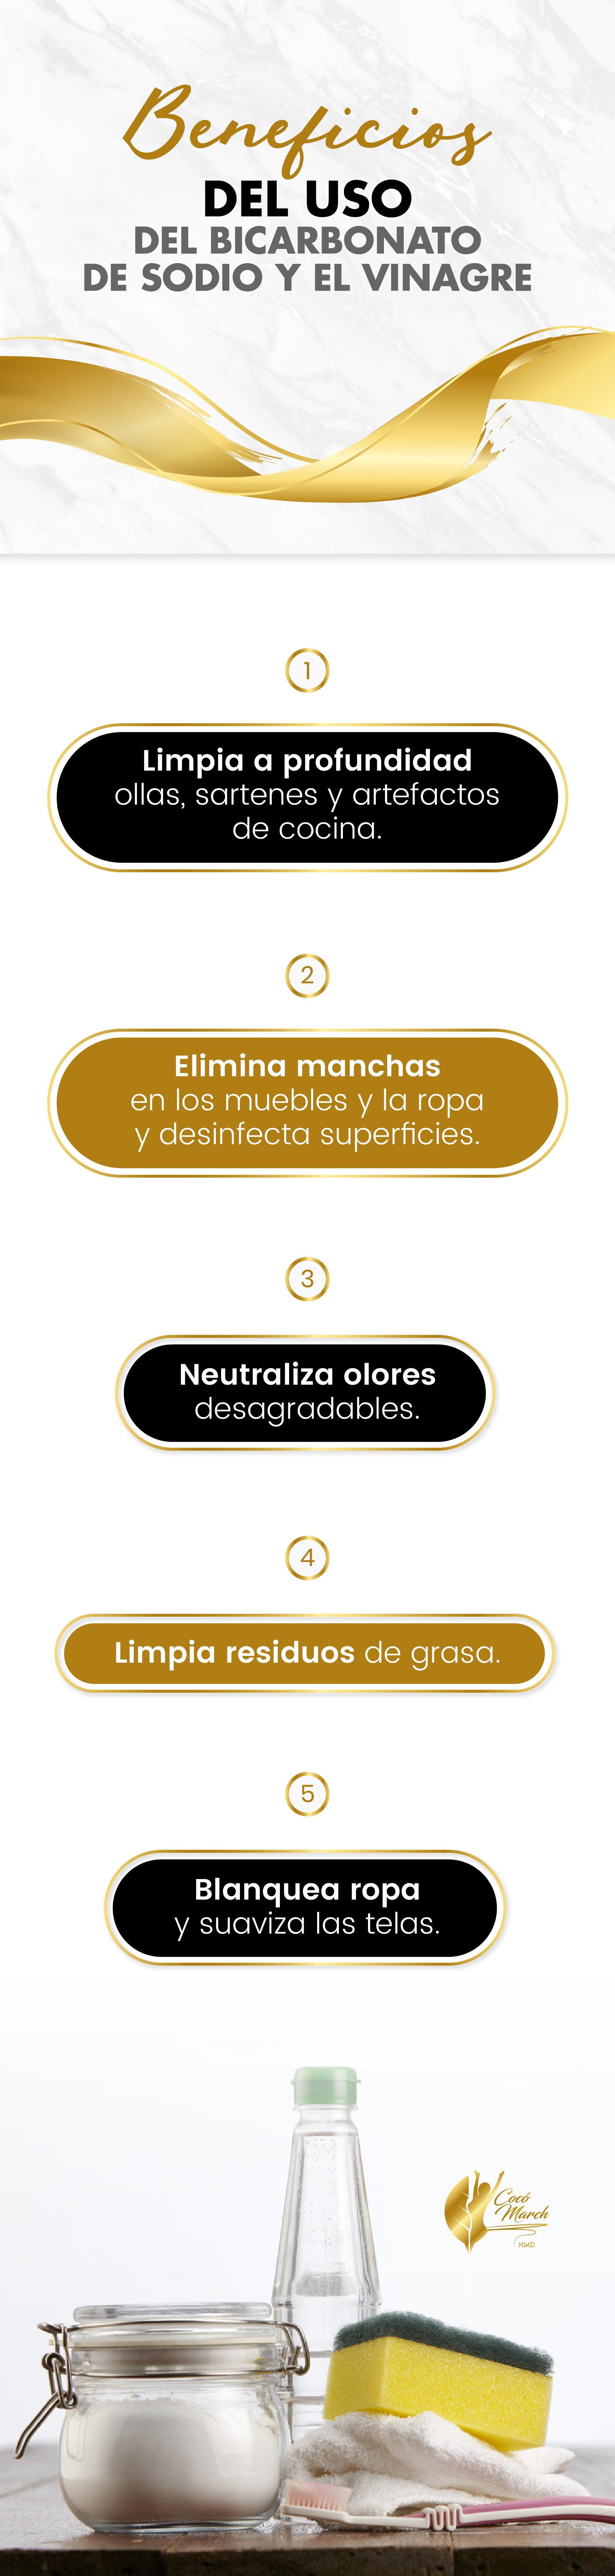 beneficios-del-uso-del-bicarbonato-y-vinagre